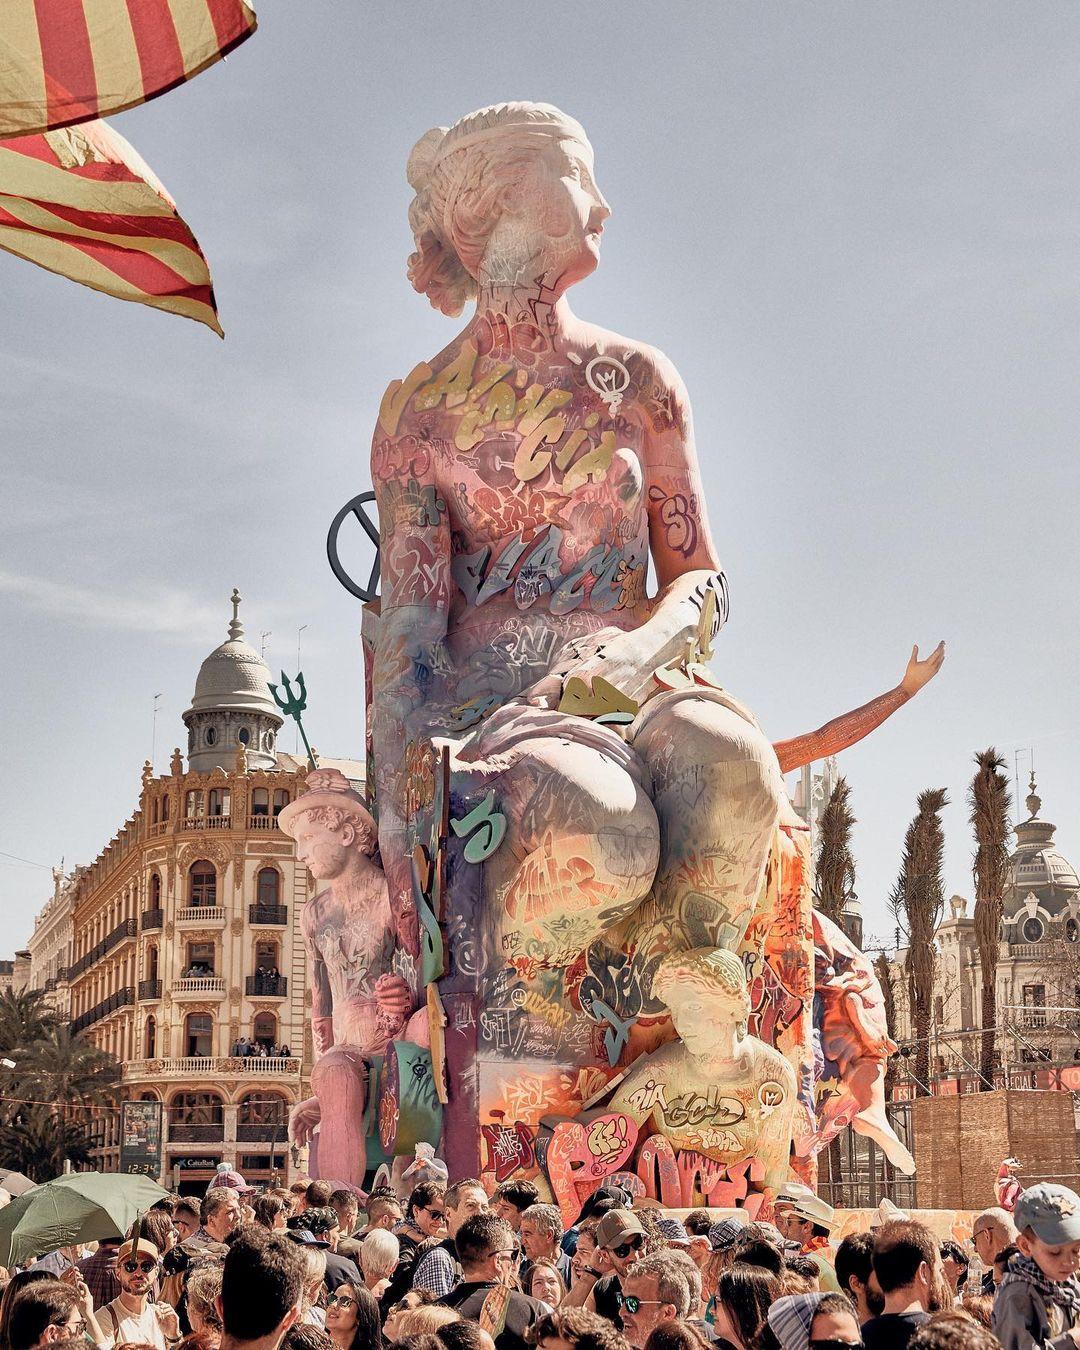 Œuvre Par PichiAvo à Valence